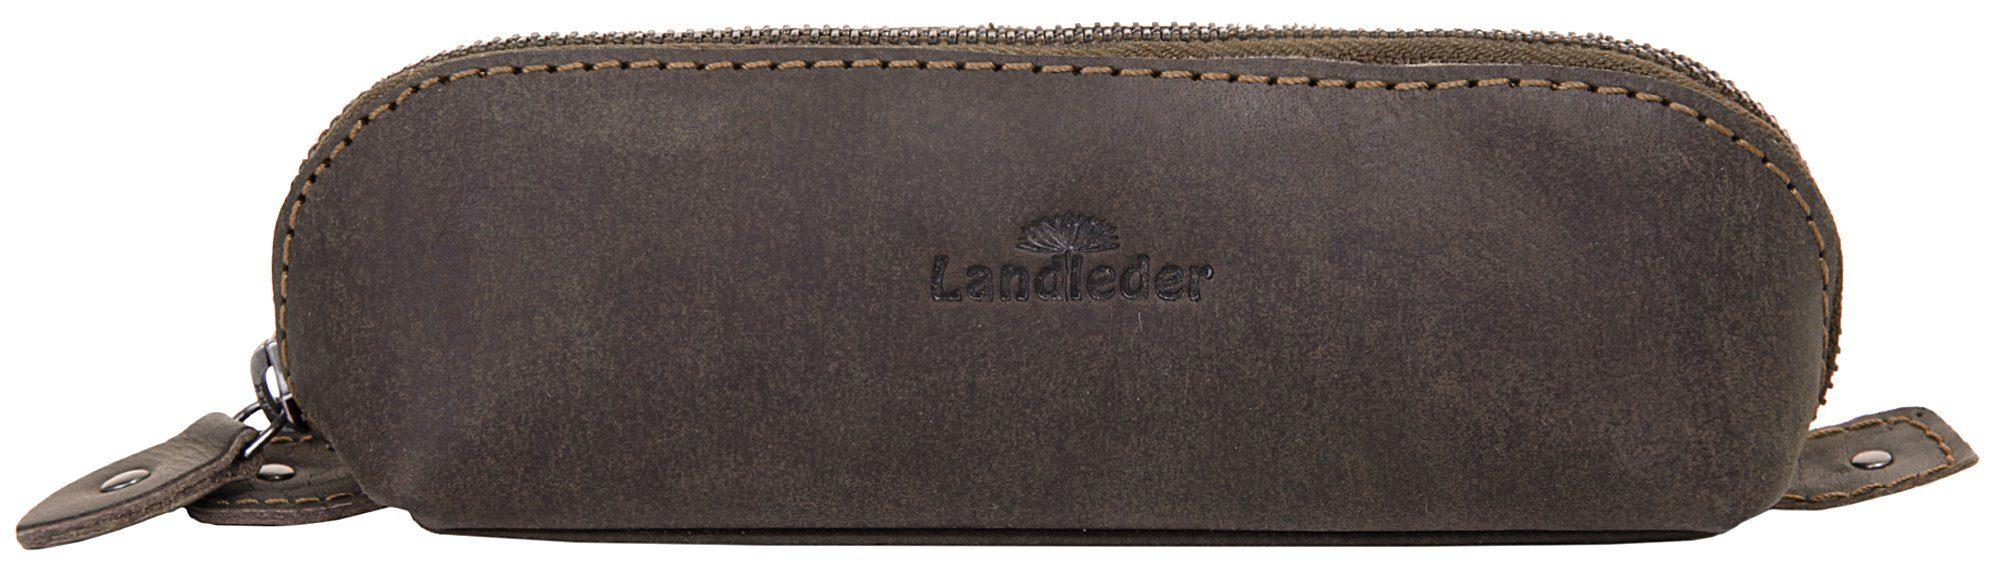 Image of Landleder Brustbeutel »CHILLI«